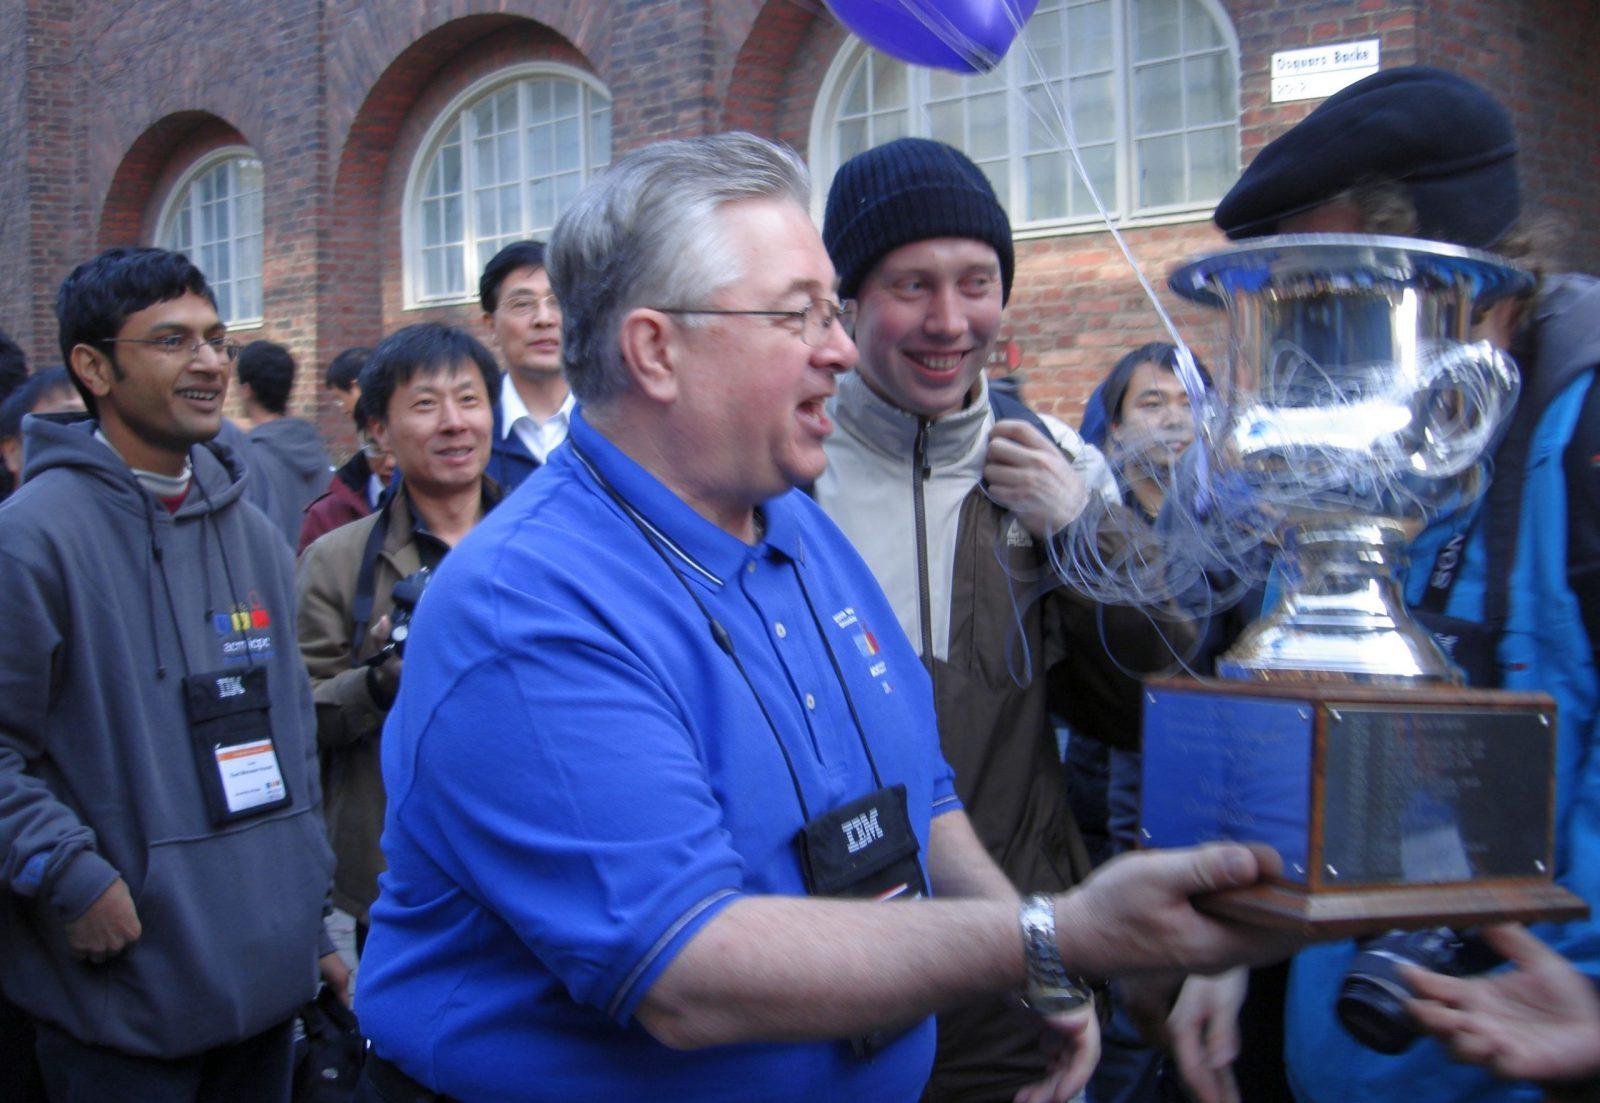 Финал ICPC 2021 состоится в ноябре будущего года – Билл Паучер